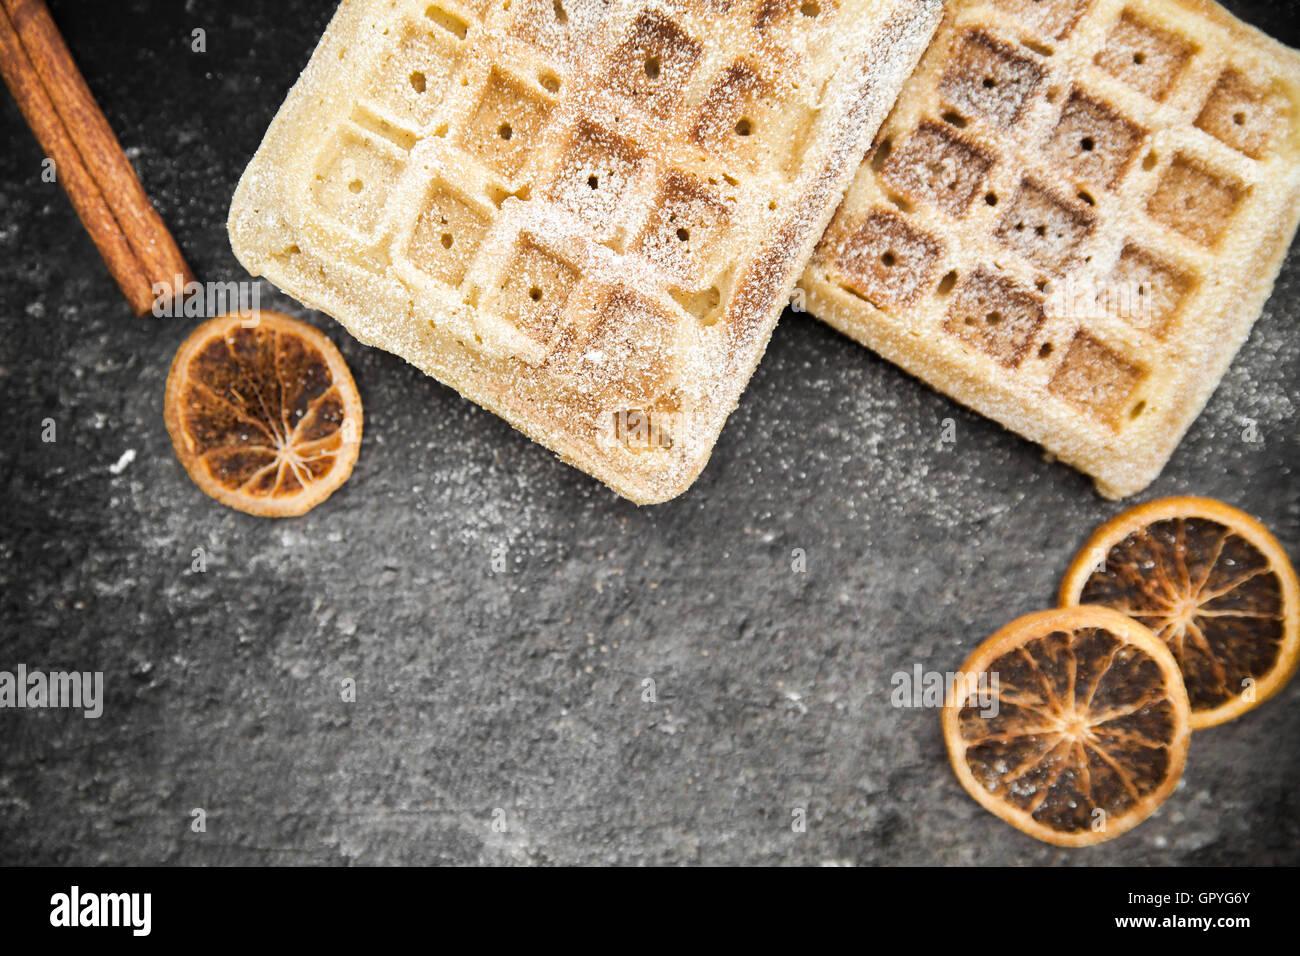 belgian waffles background - Stock Image